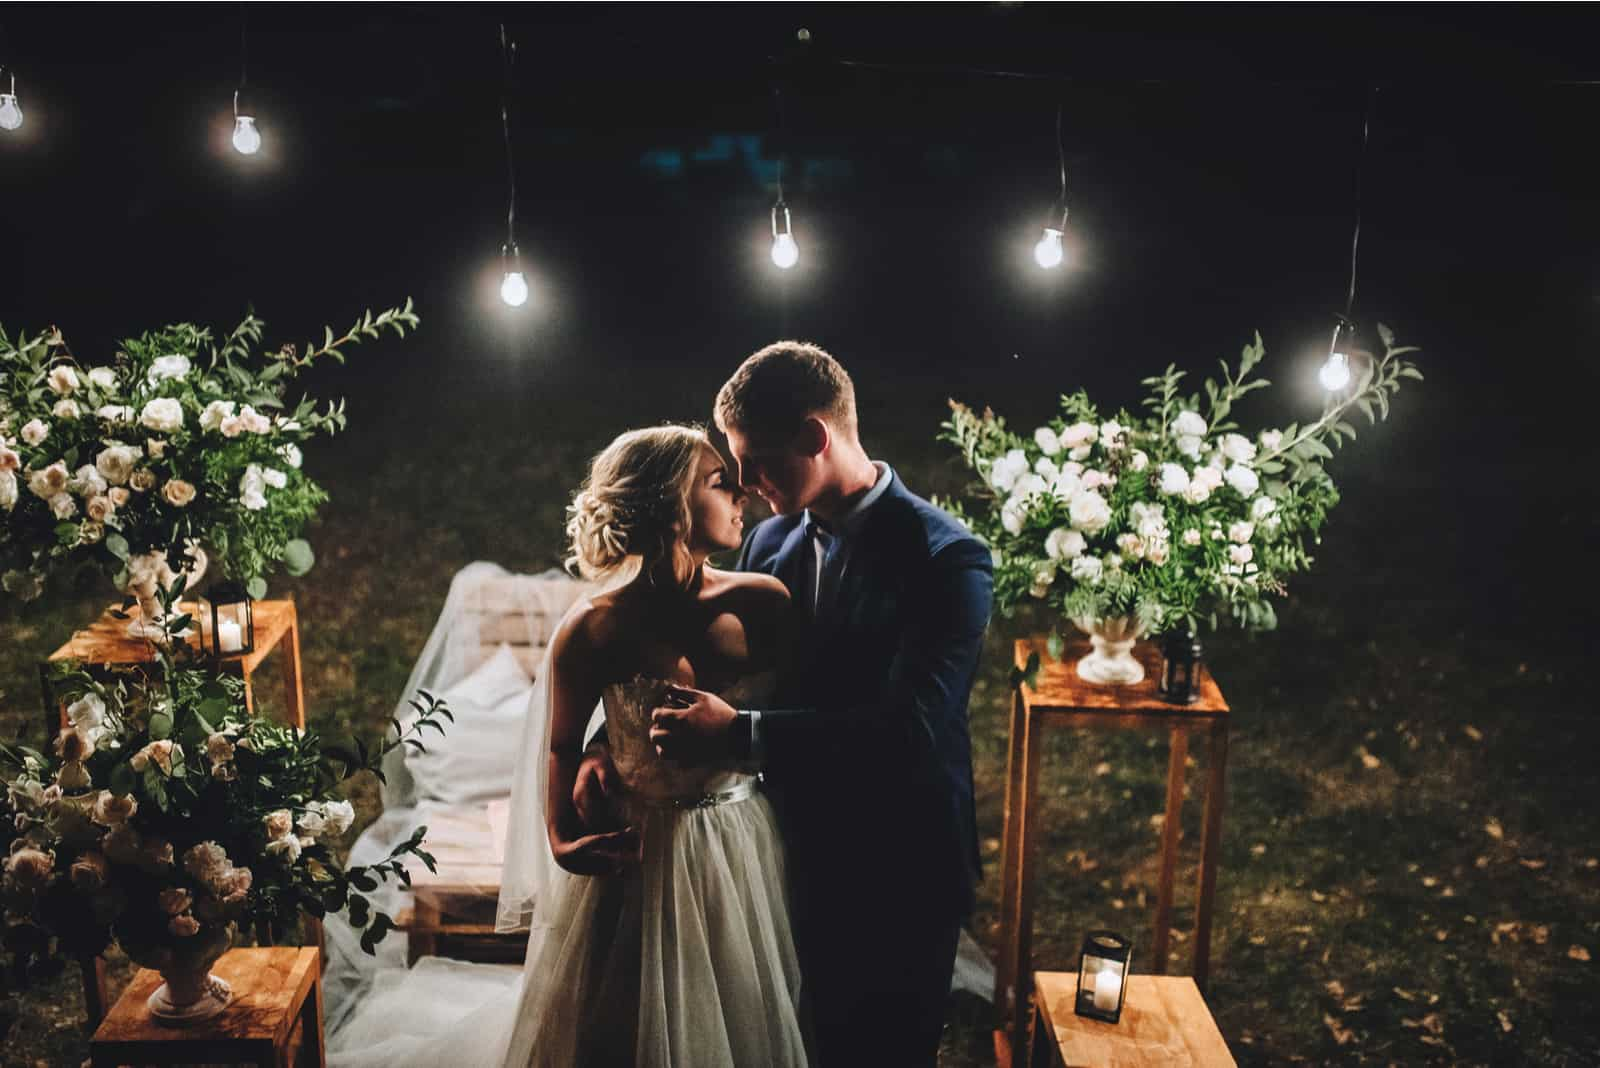 Abends küssen sich die Jungvermählten im geschmückten Garten